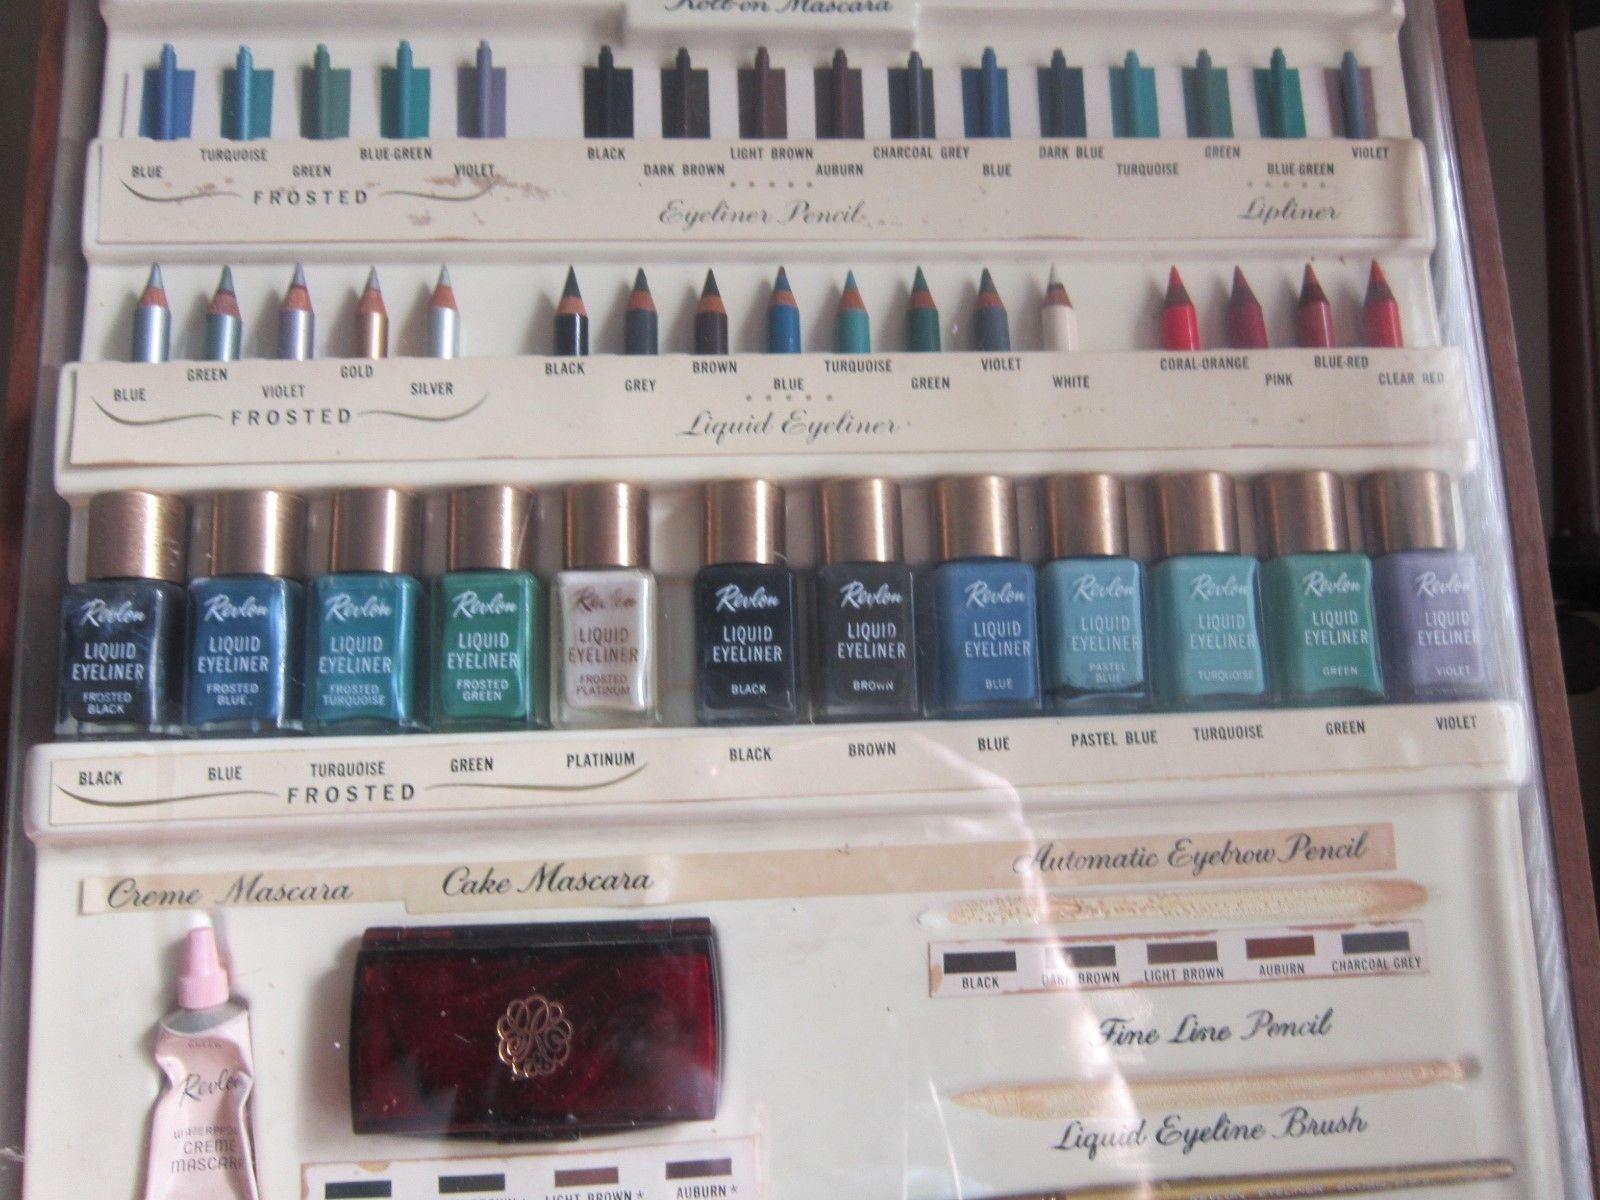 Revlon Eye Makers General Store Display Countertop